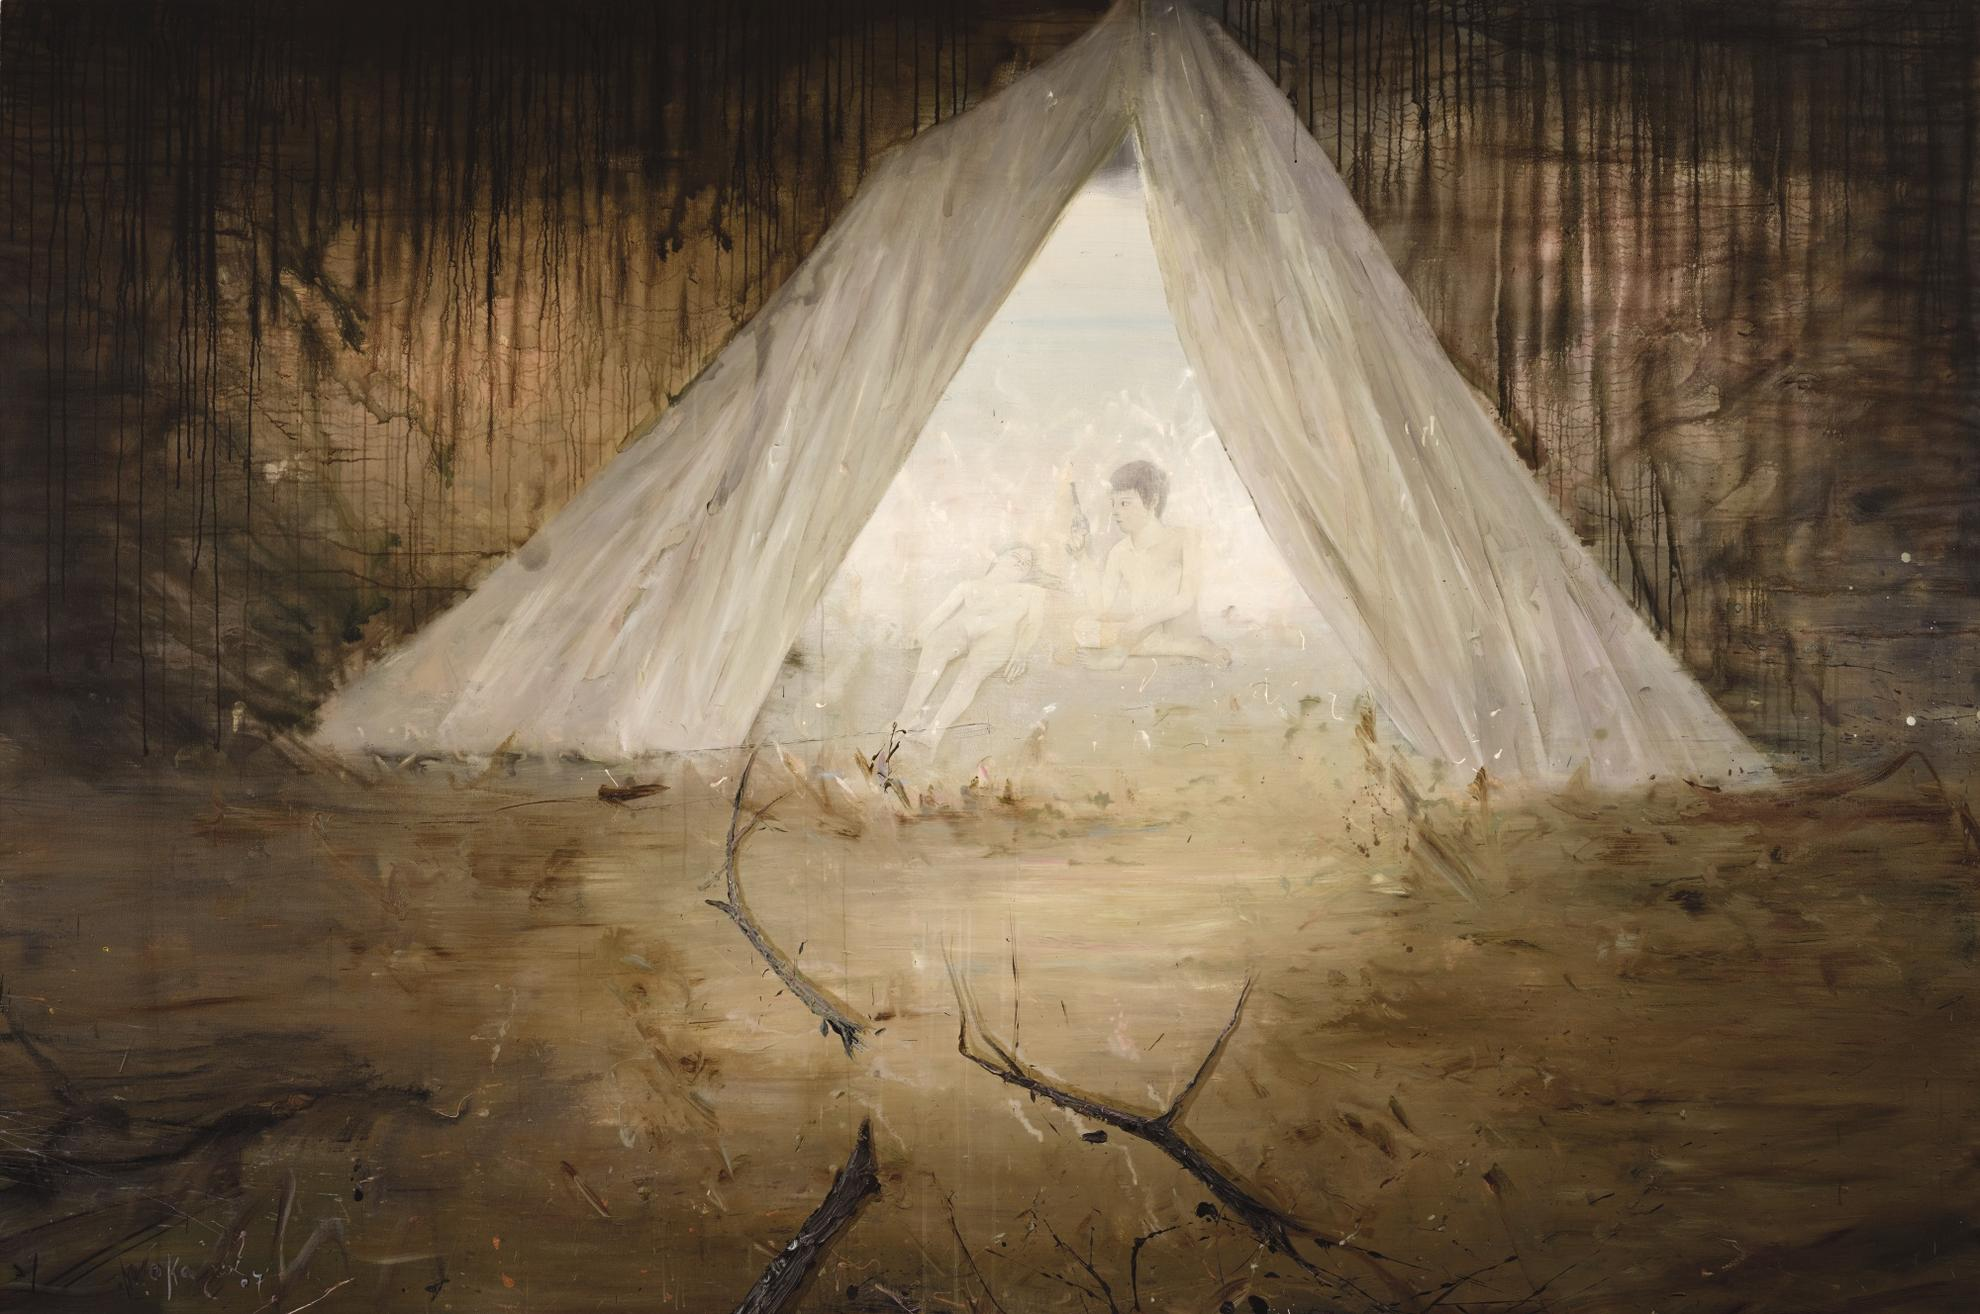 Wei Jia-Illuminate The Dark Night No. 4-2007